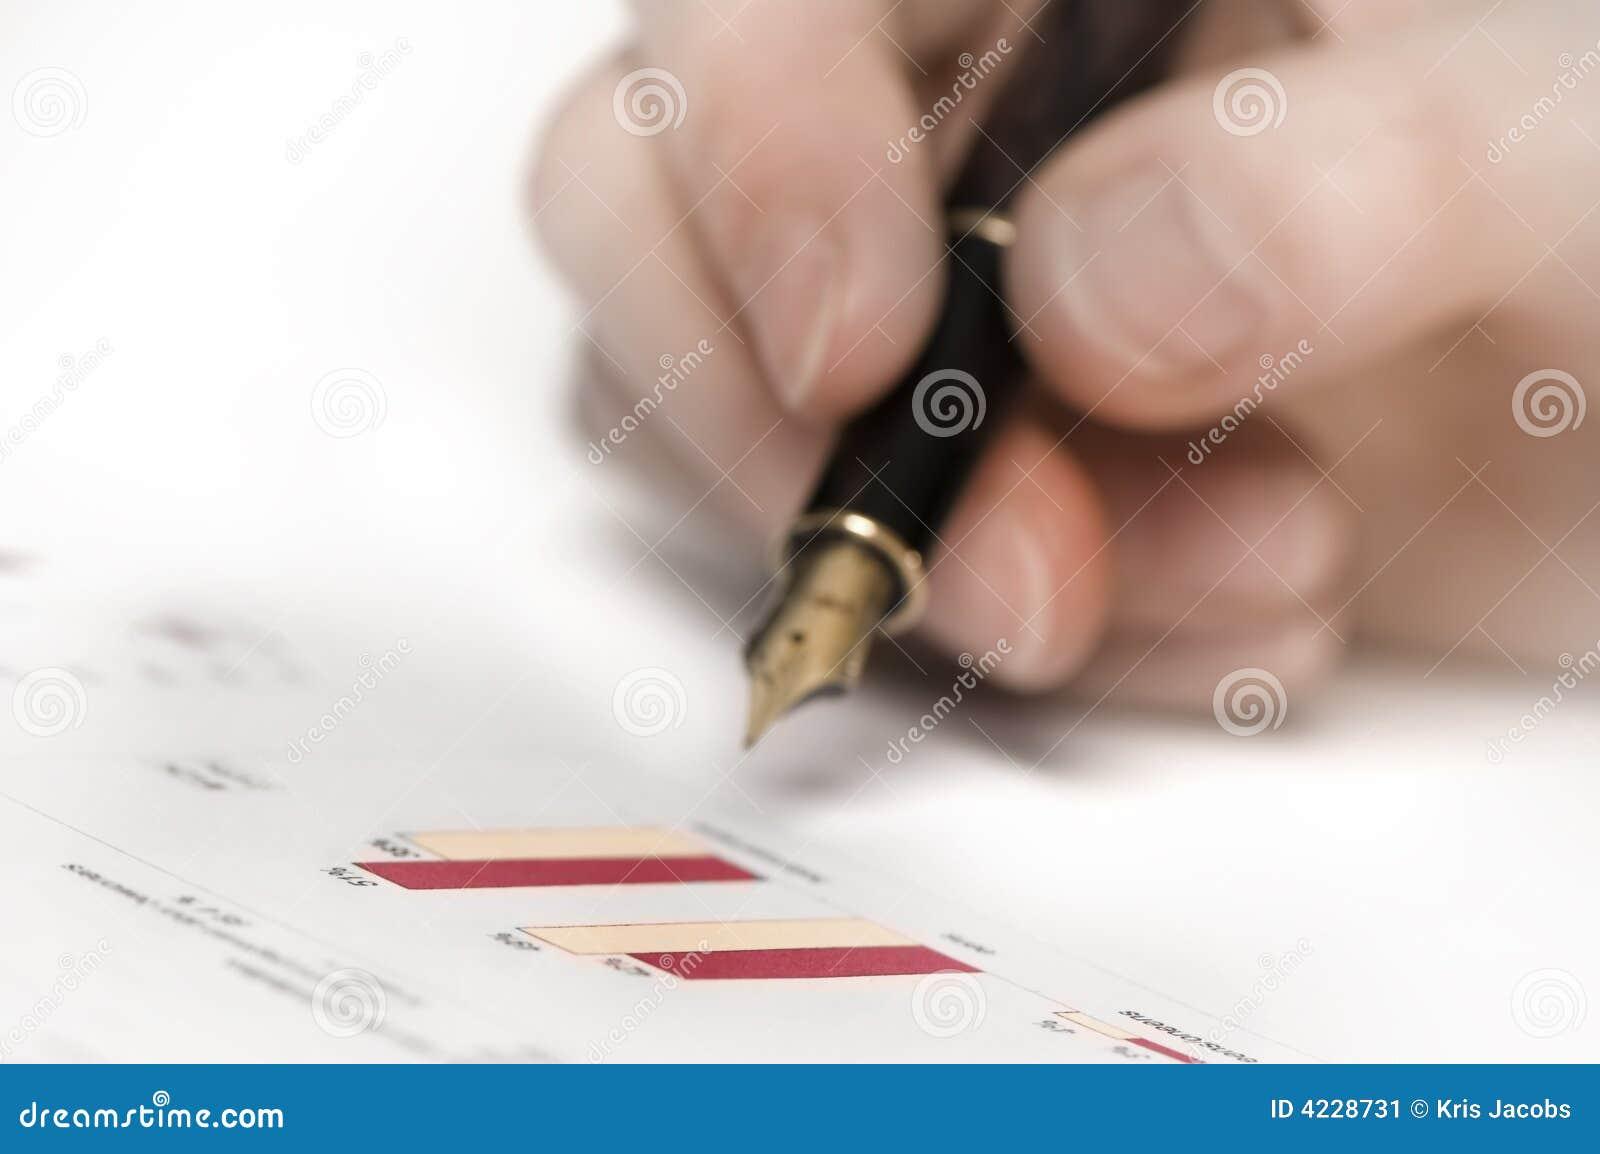 πέννα χεριών γραφικής παράστασης